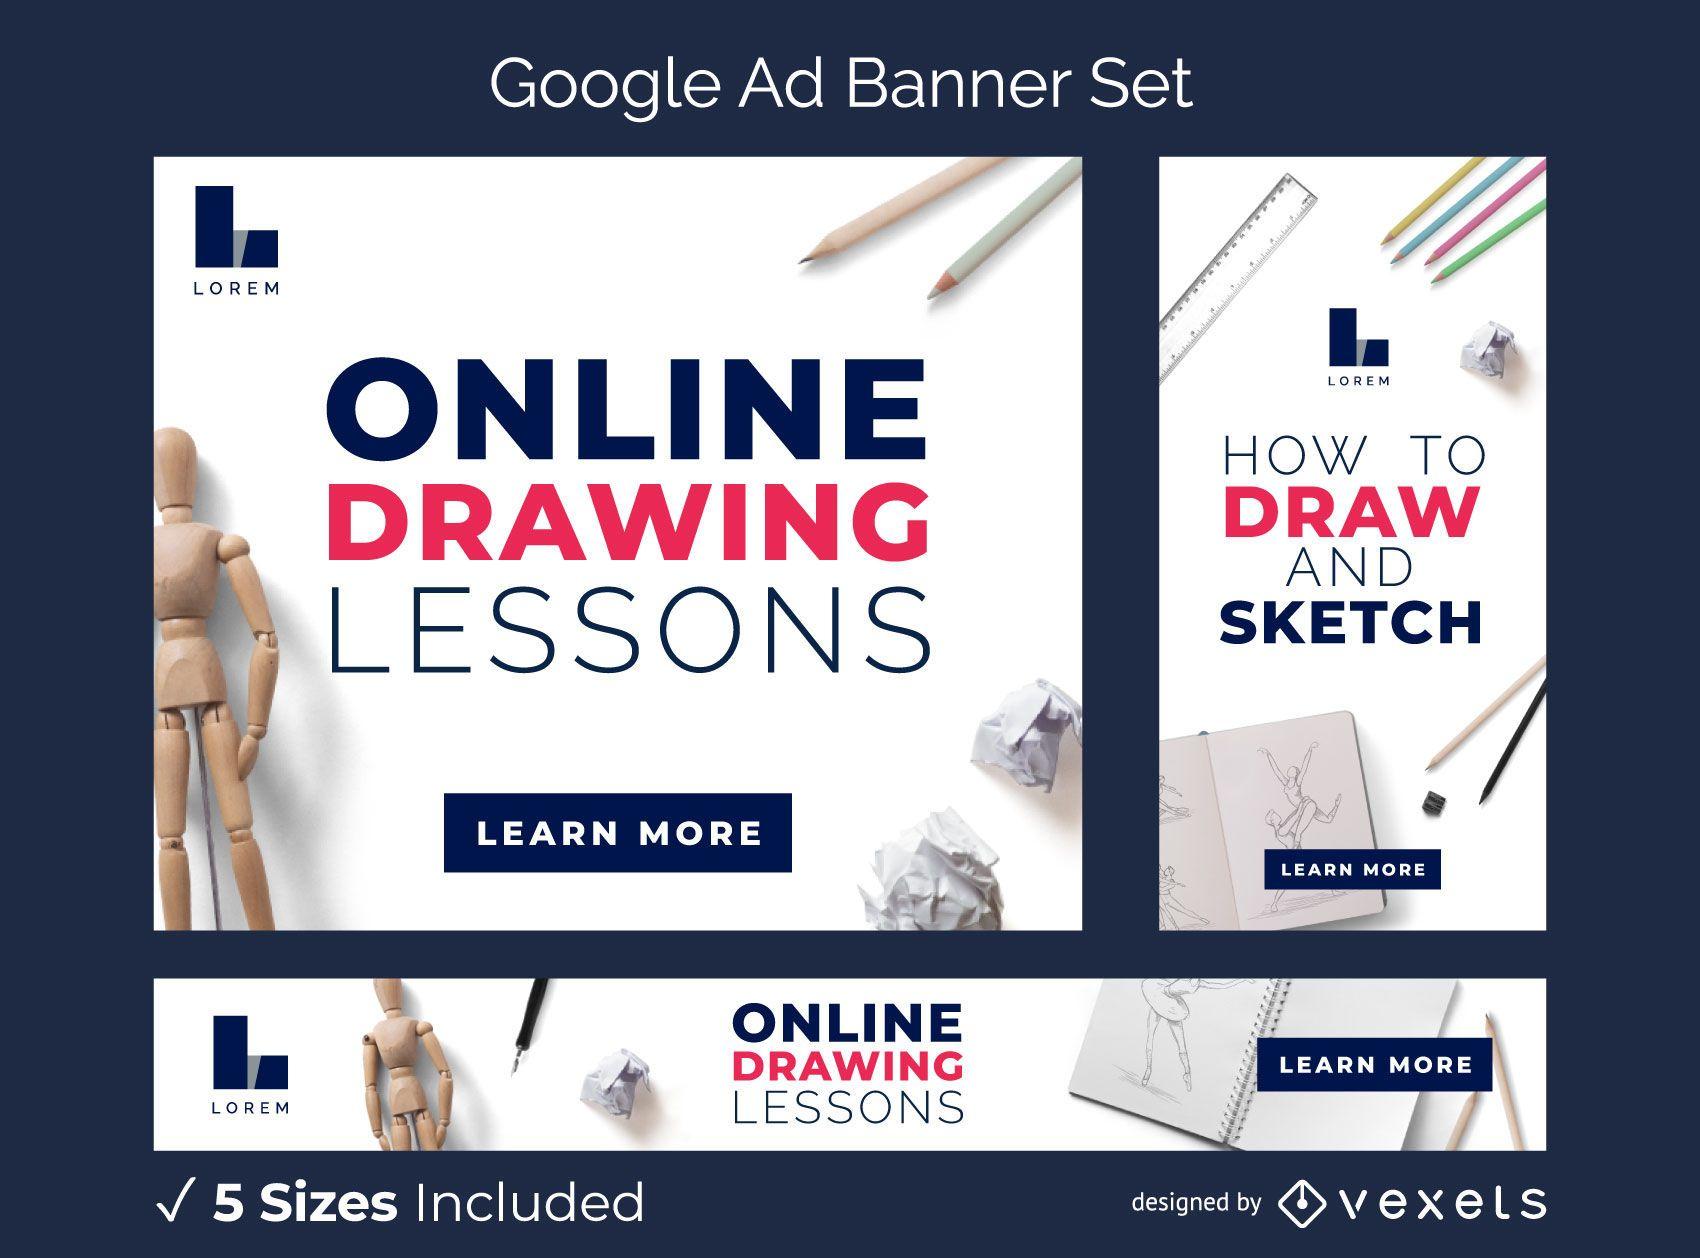 Conjunto de banners publicitarios de lecciones de dibujo en línea